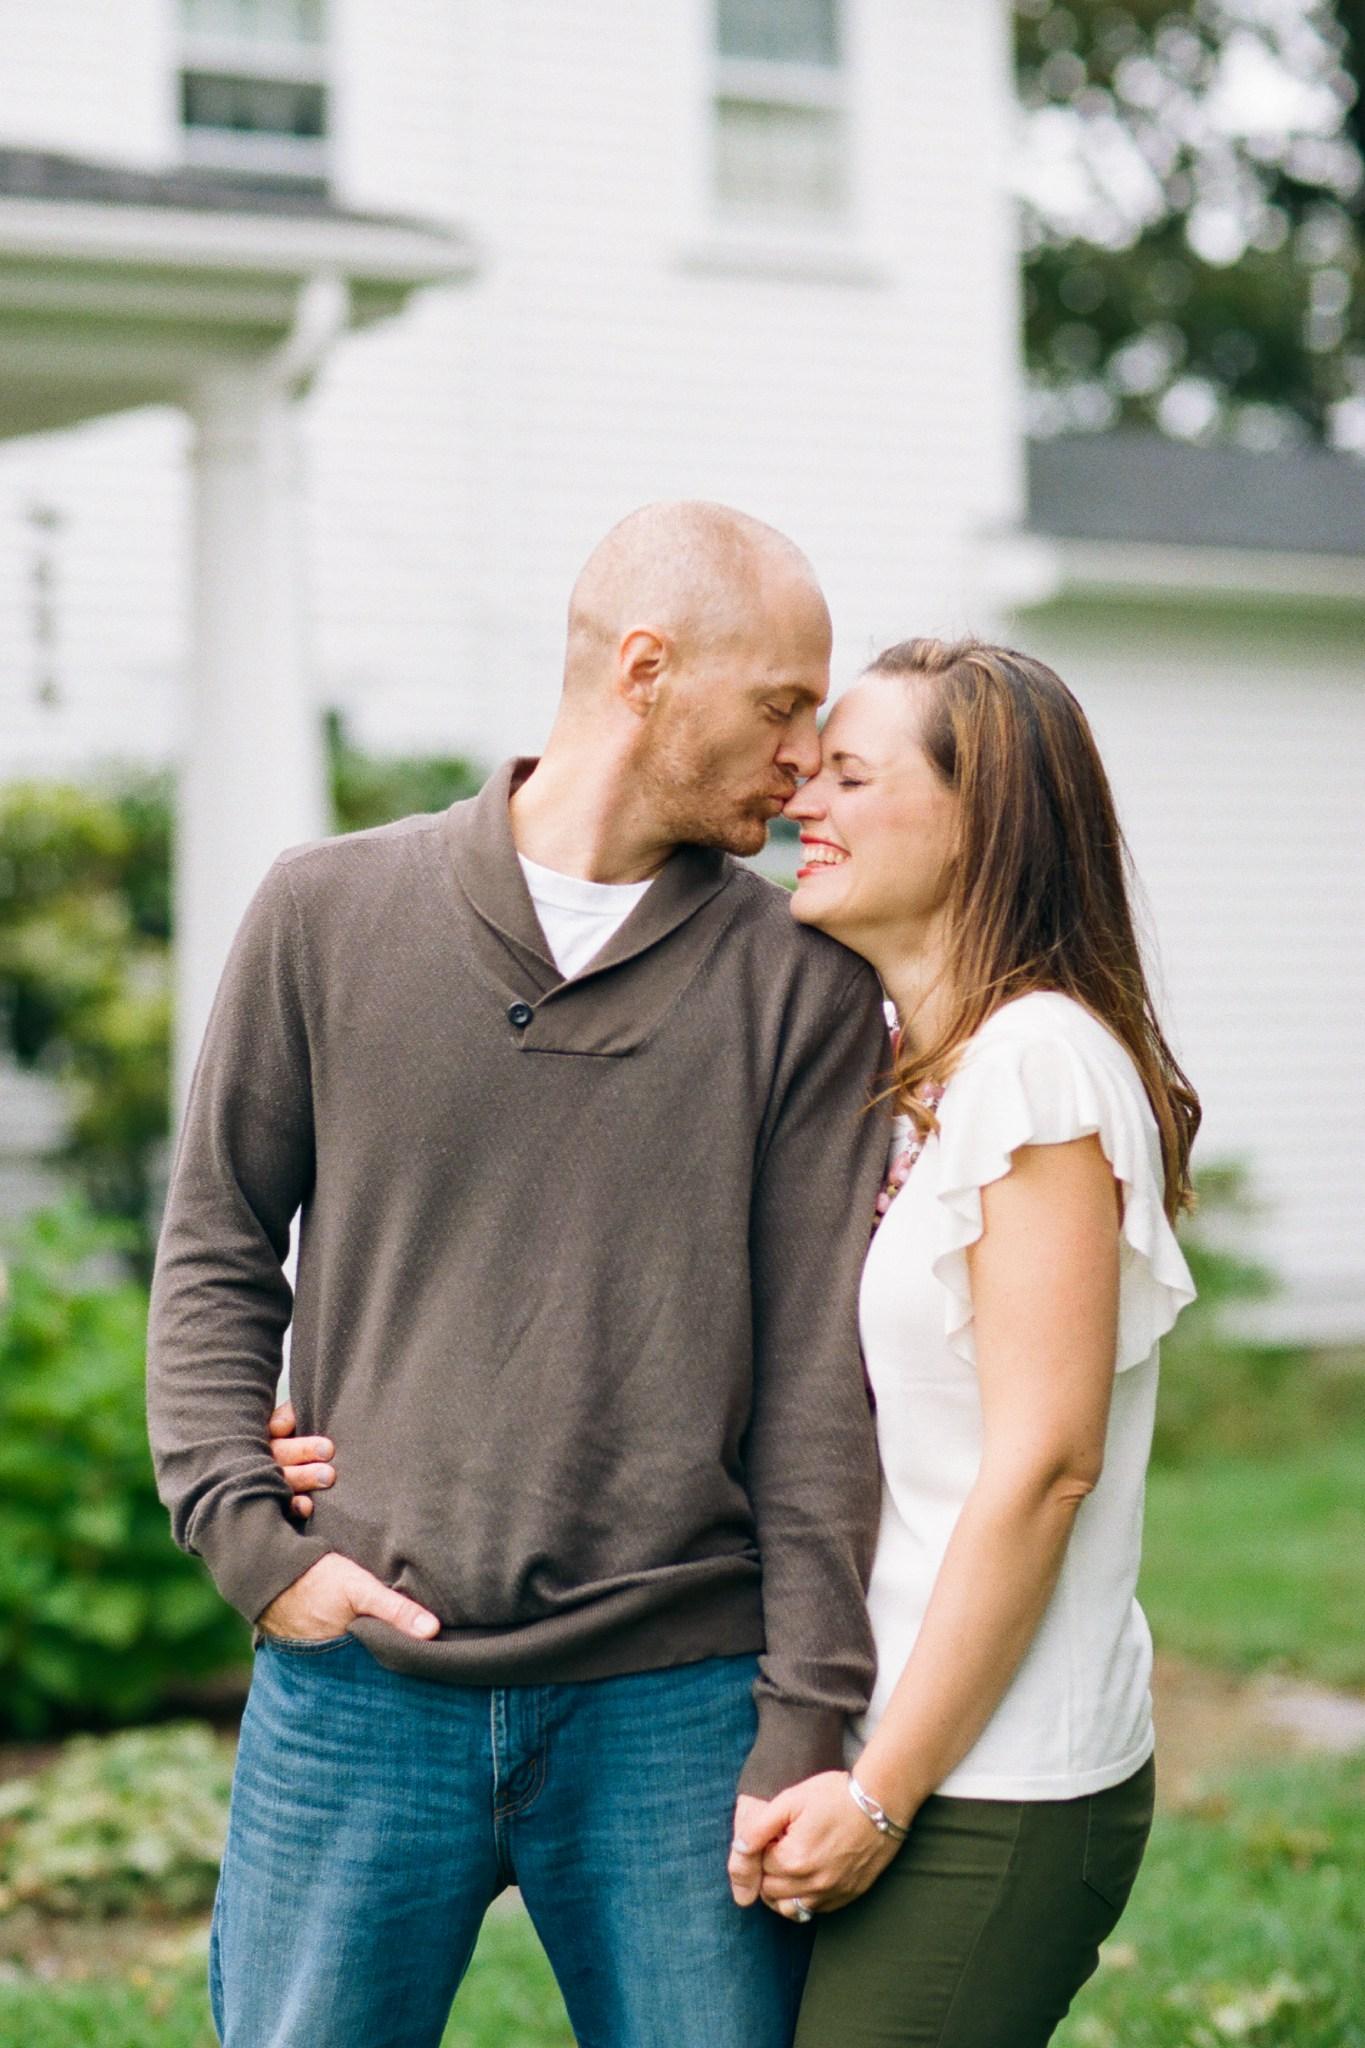 debroah_zoe_photography_family_portraits_boston_00029.JPG